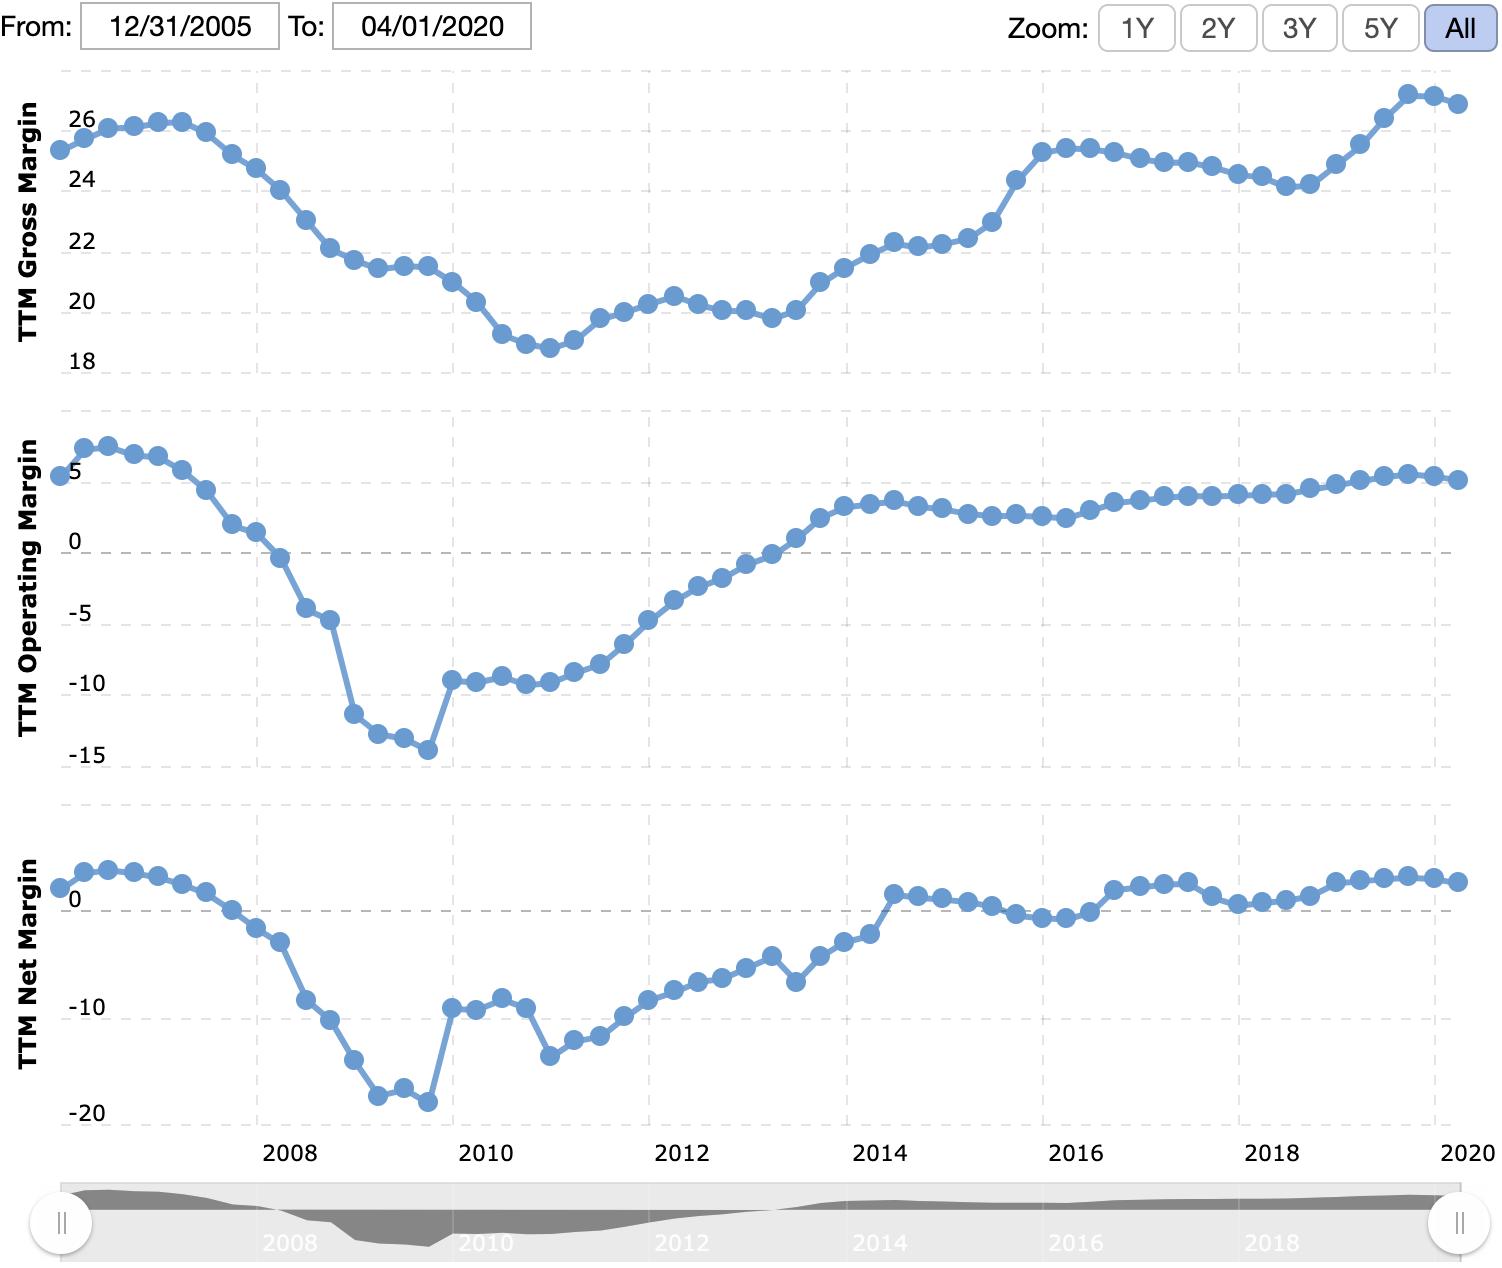 Валовая, операционная и итоговая маржа компании в процентах от выручки. Источник: Macrotrends